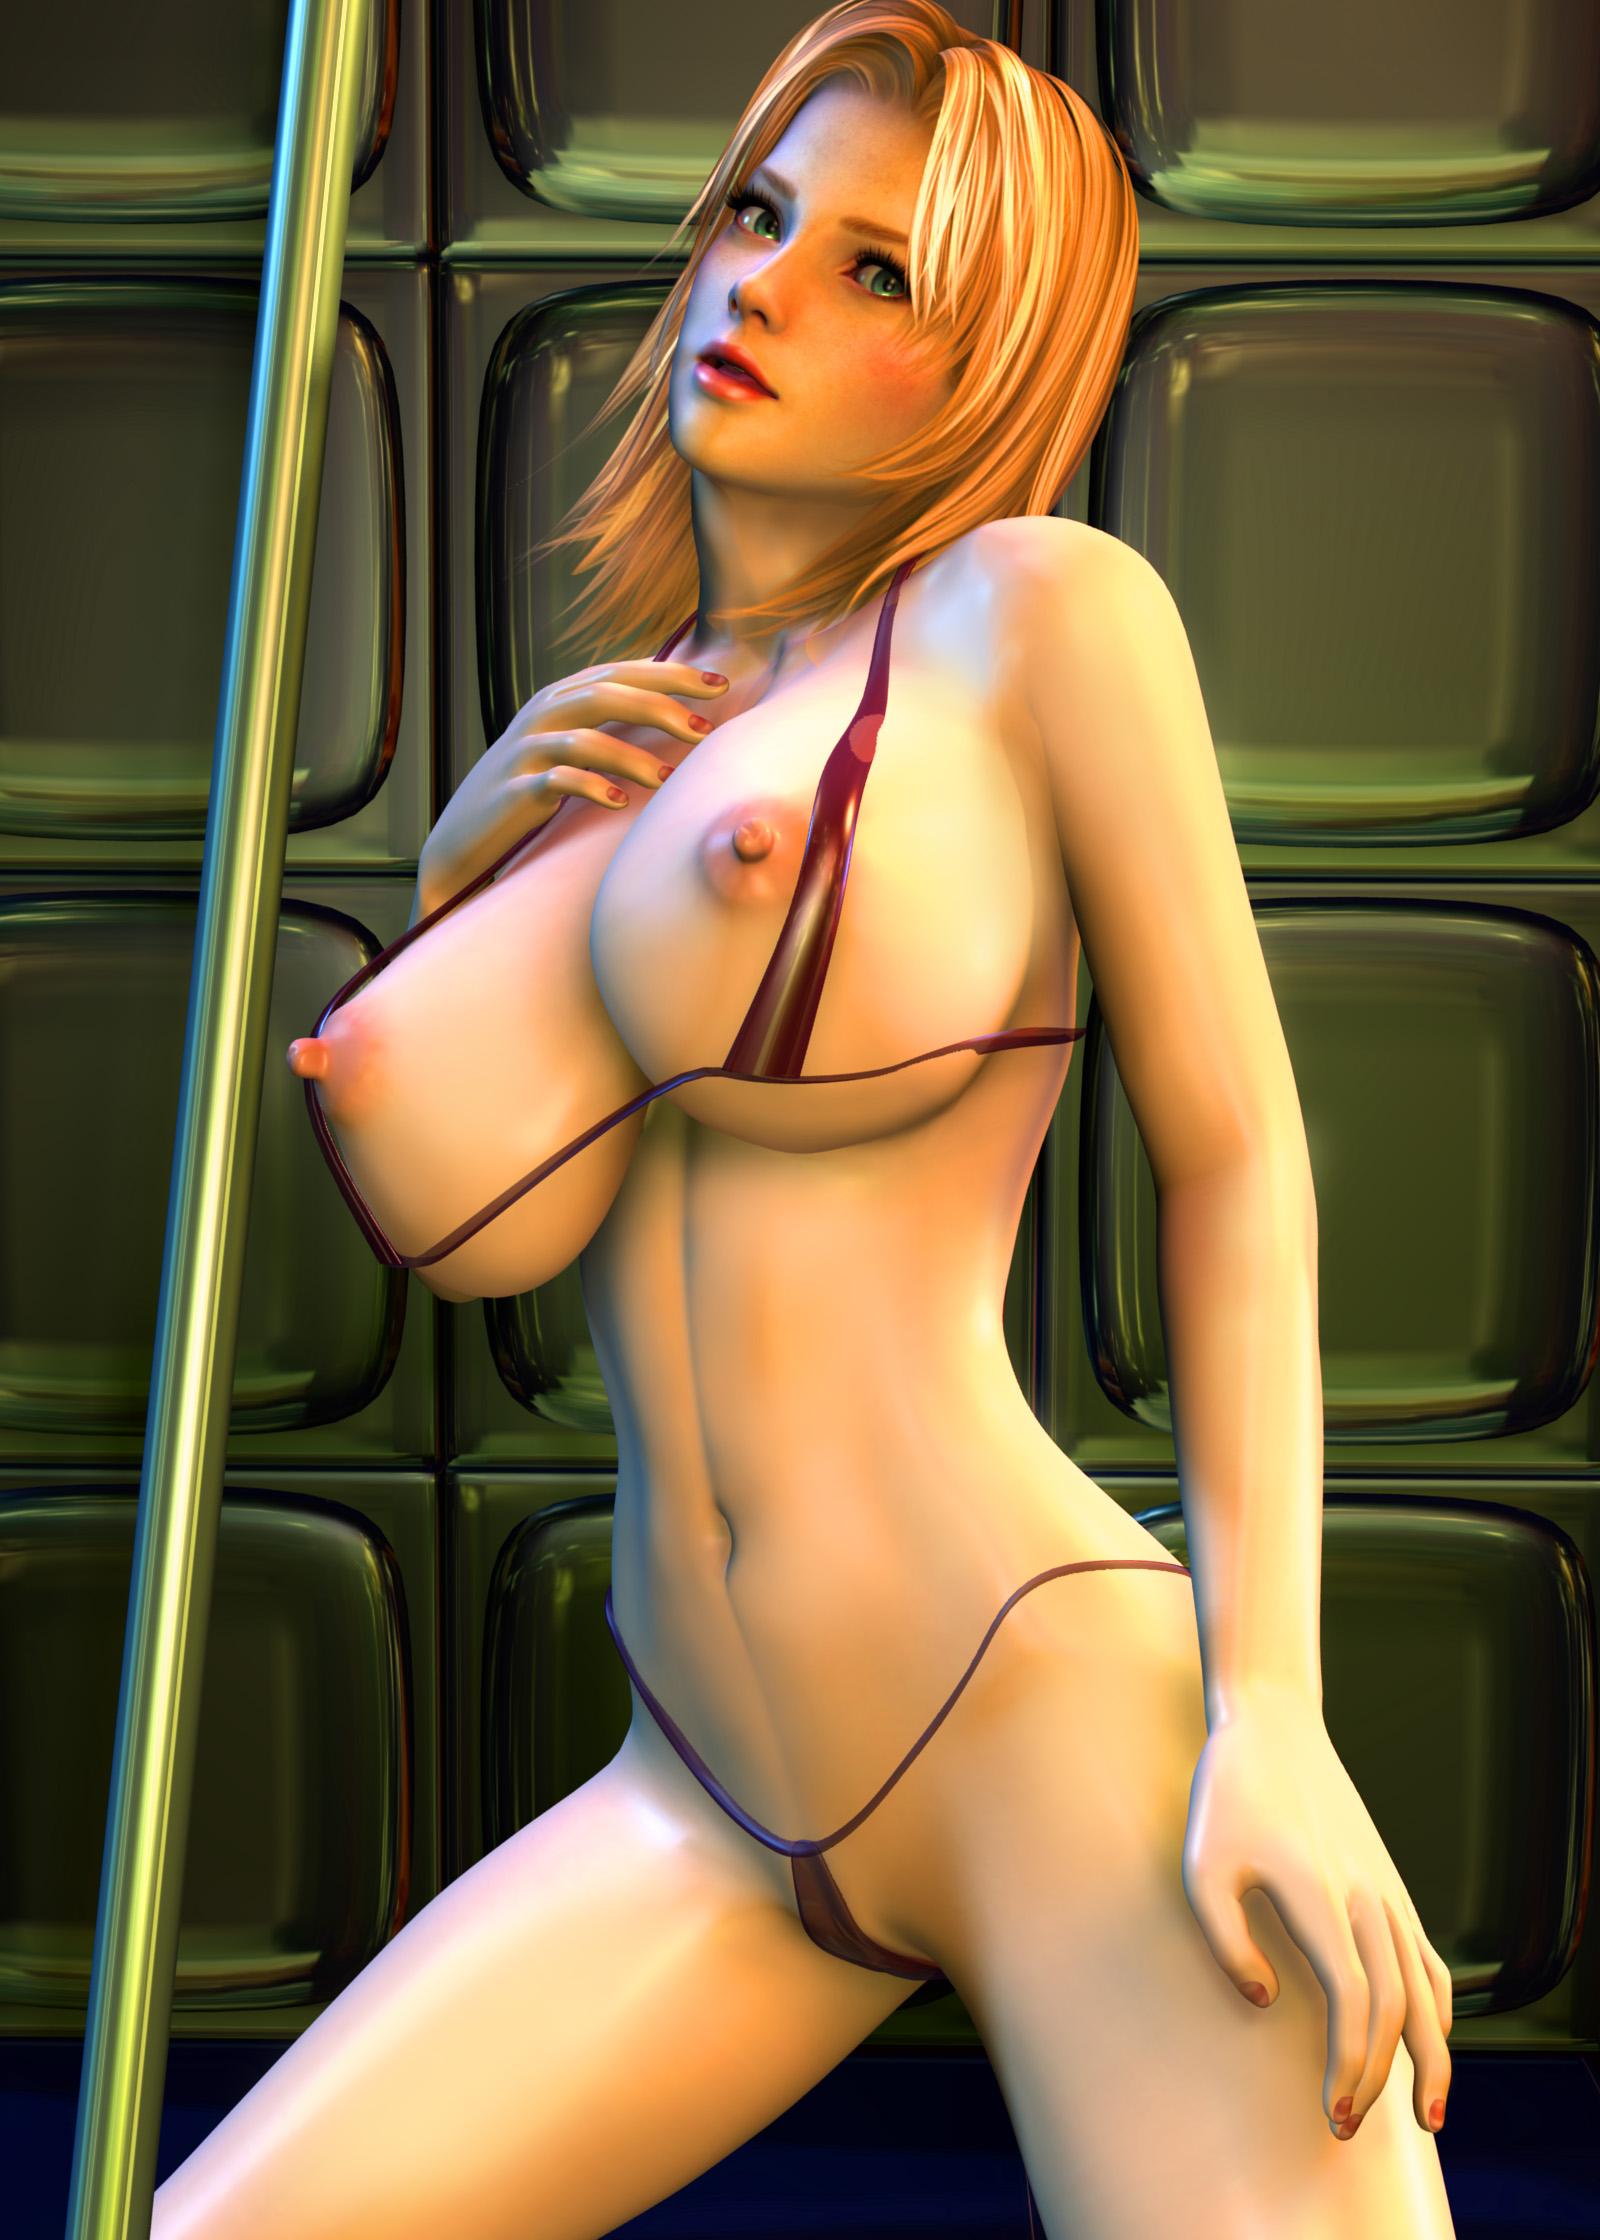 Doa girls lingerie pics erotica wemen